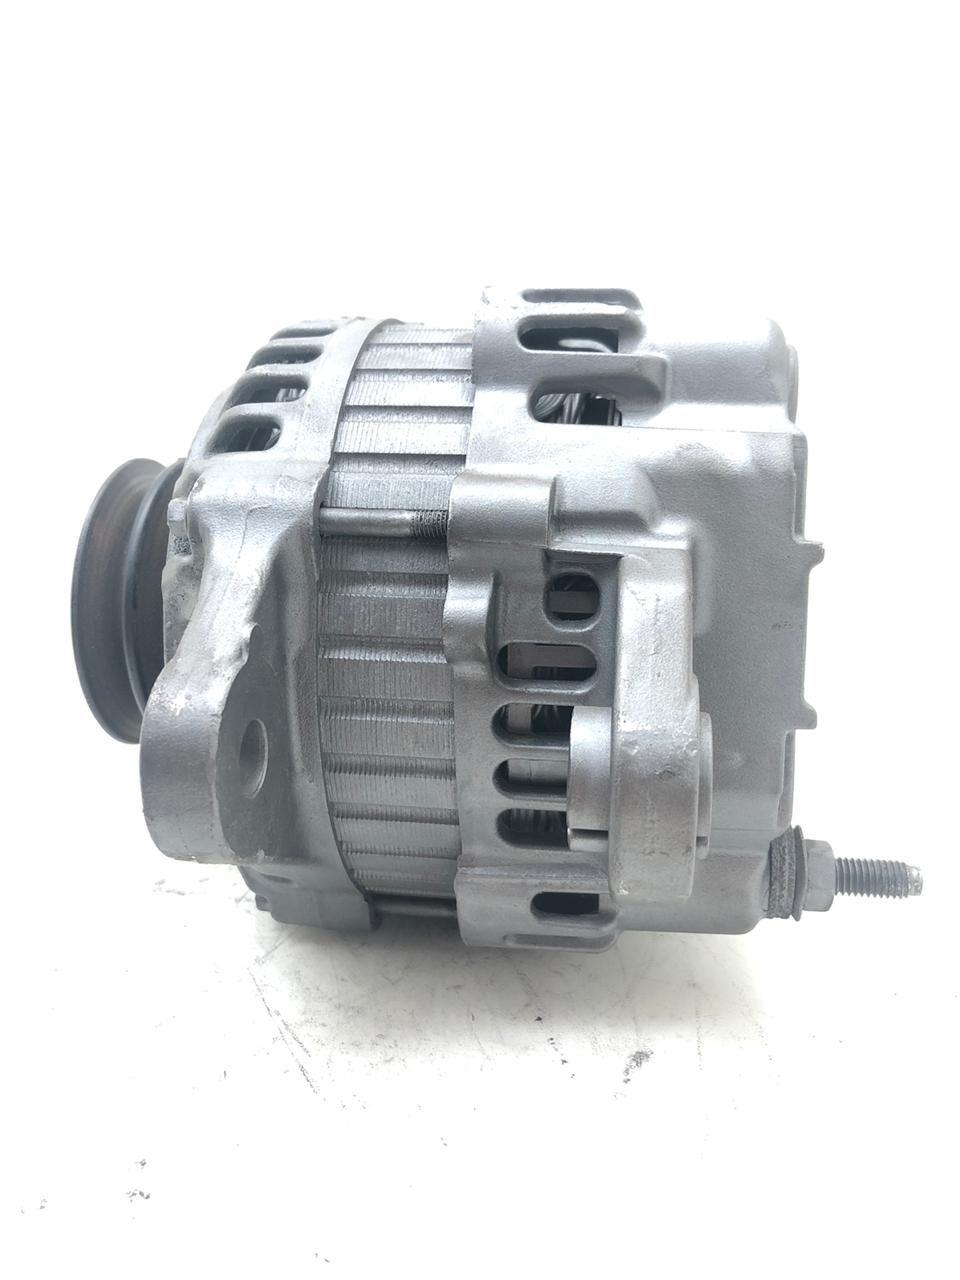 Alternador L200 Triton Pajero 3.2 Diesel 12V 125A ME203546 A3TB1999